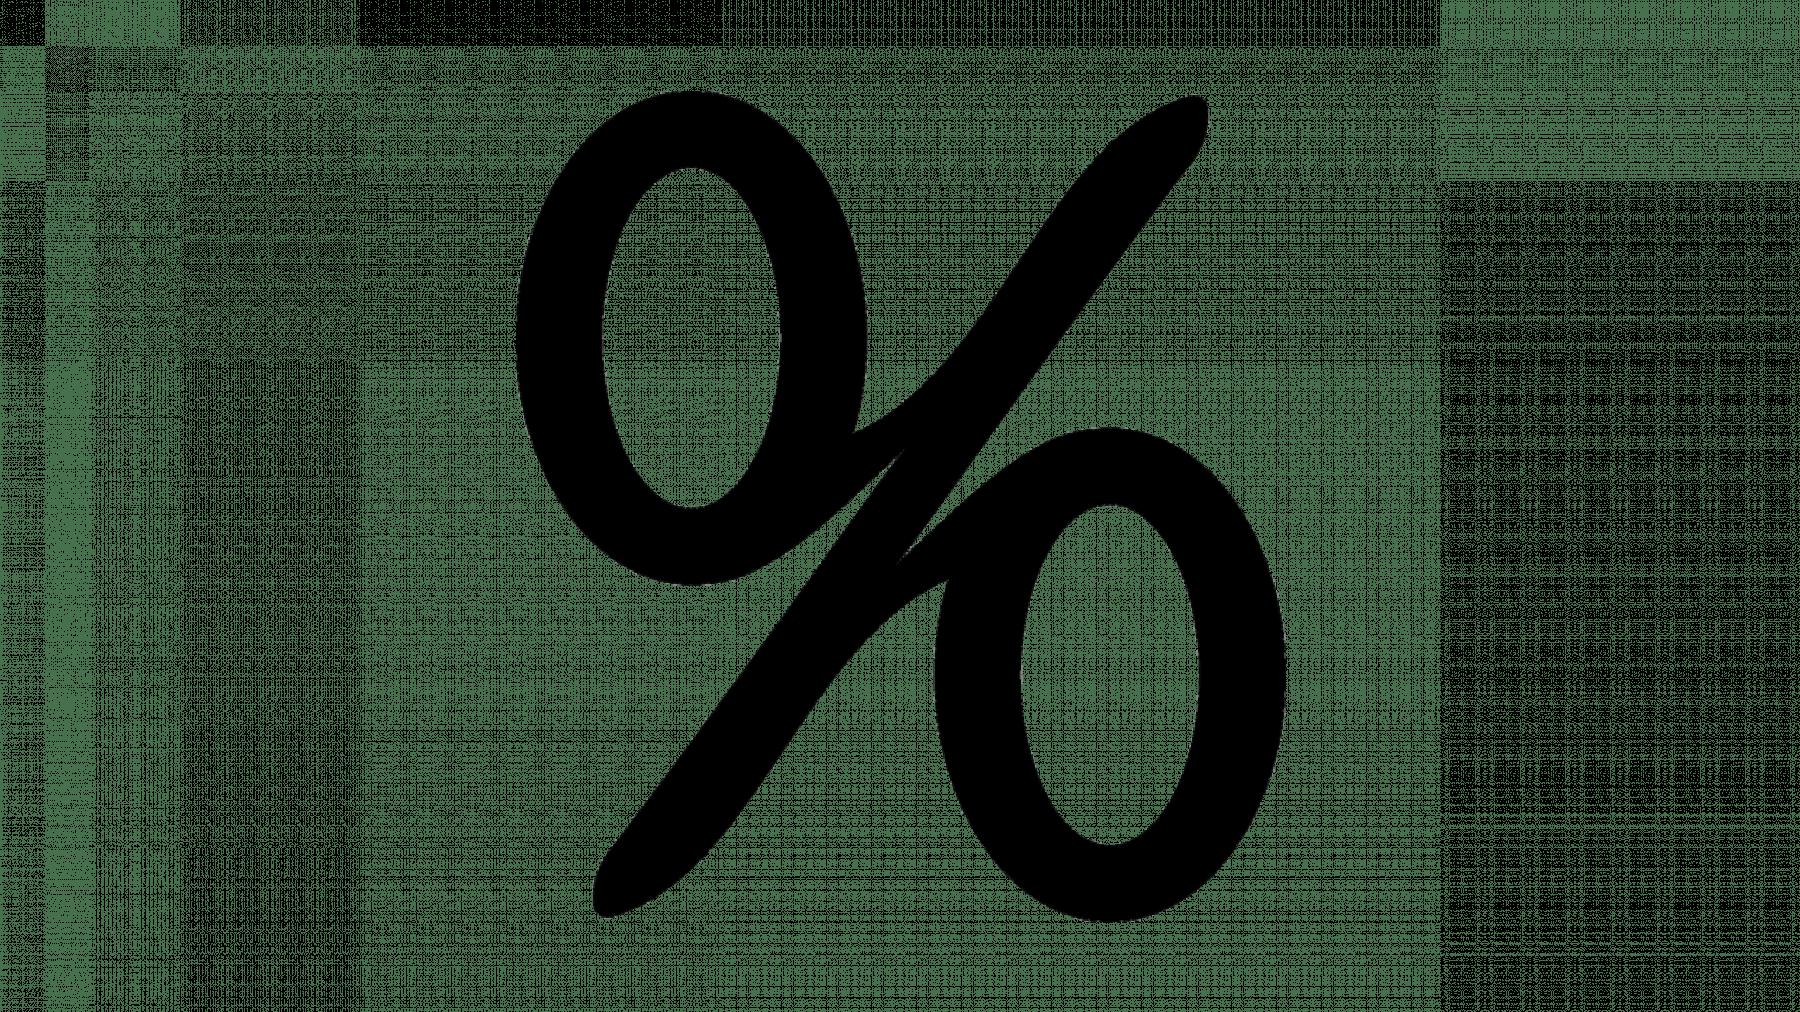 Animerad bild med svart procenttecken